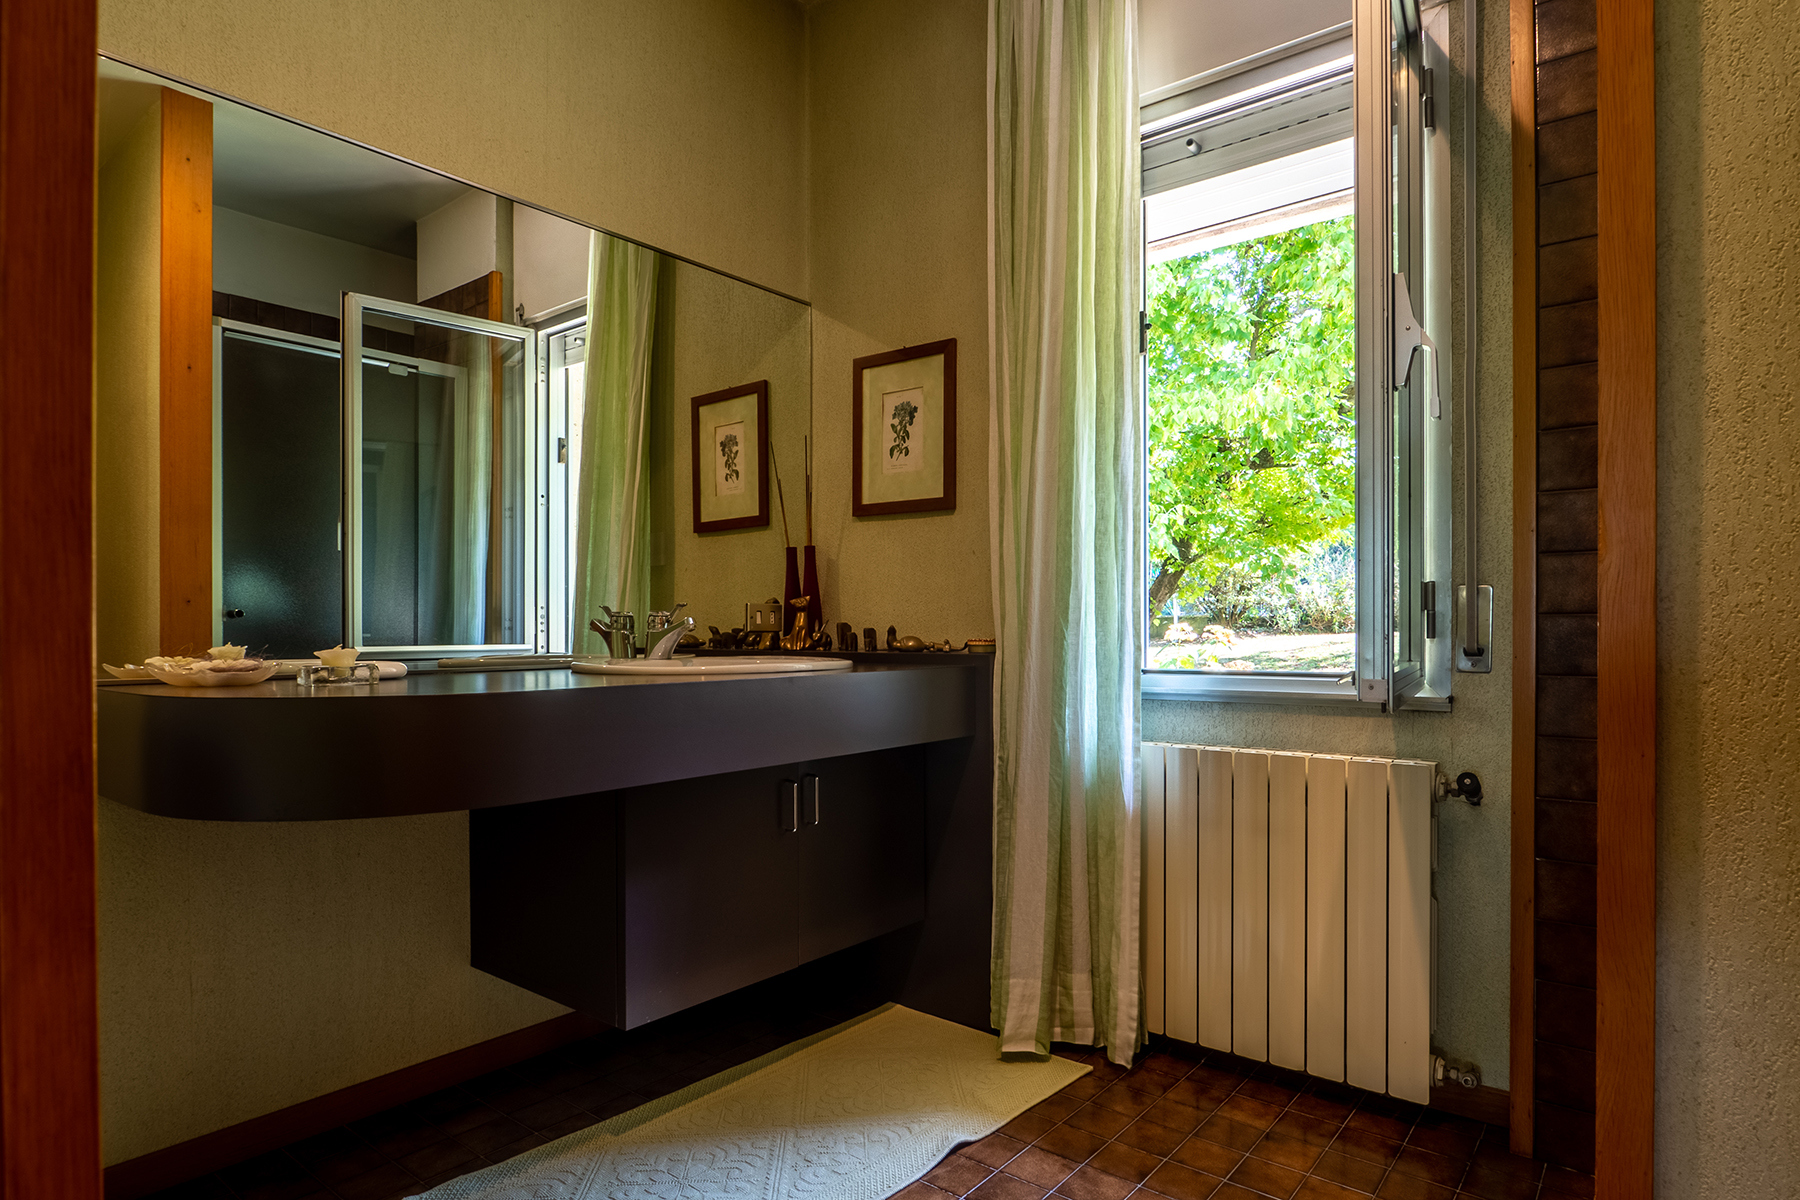 Casa indipendente in Vendita a Rosignano Monferrato: 5 locali, 290 mq - Foto 25